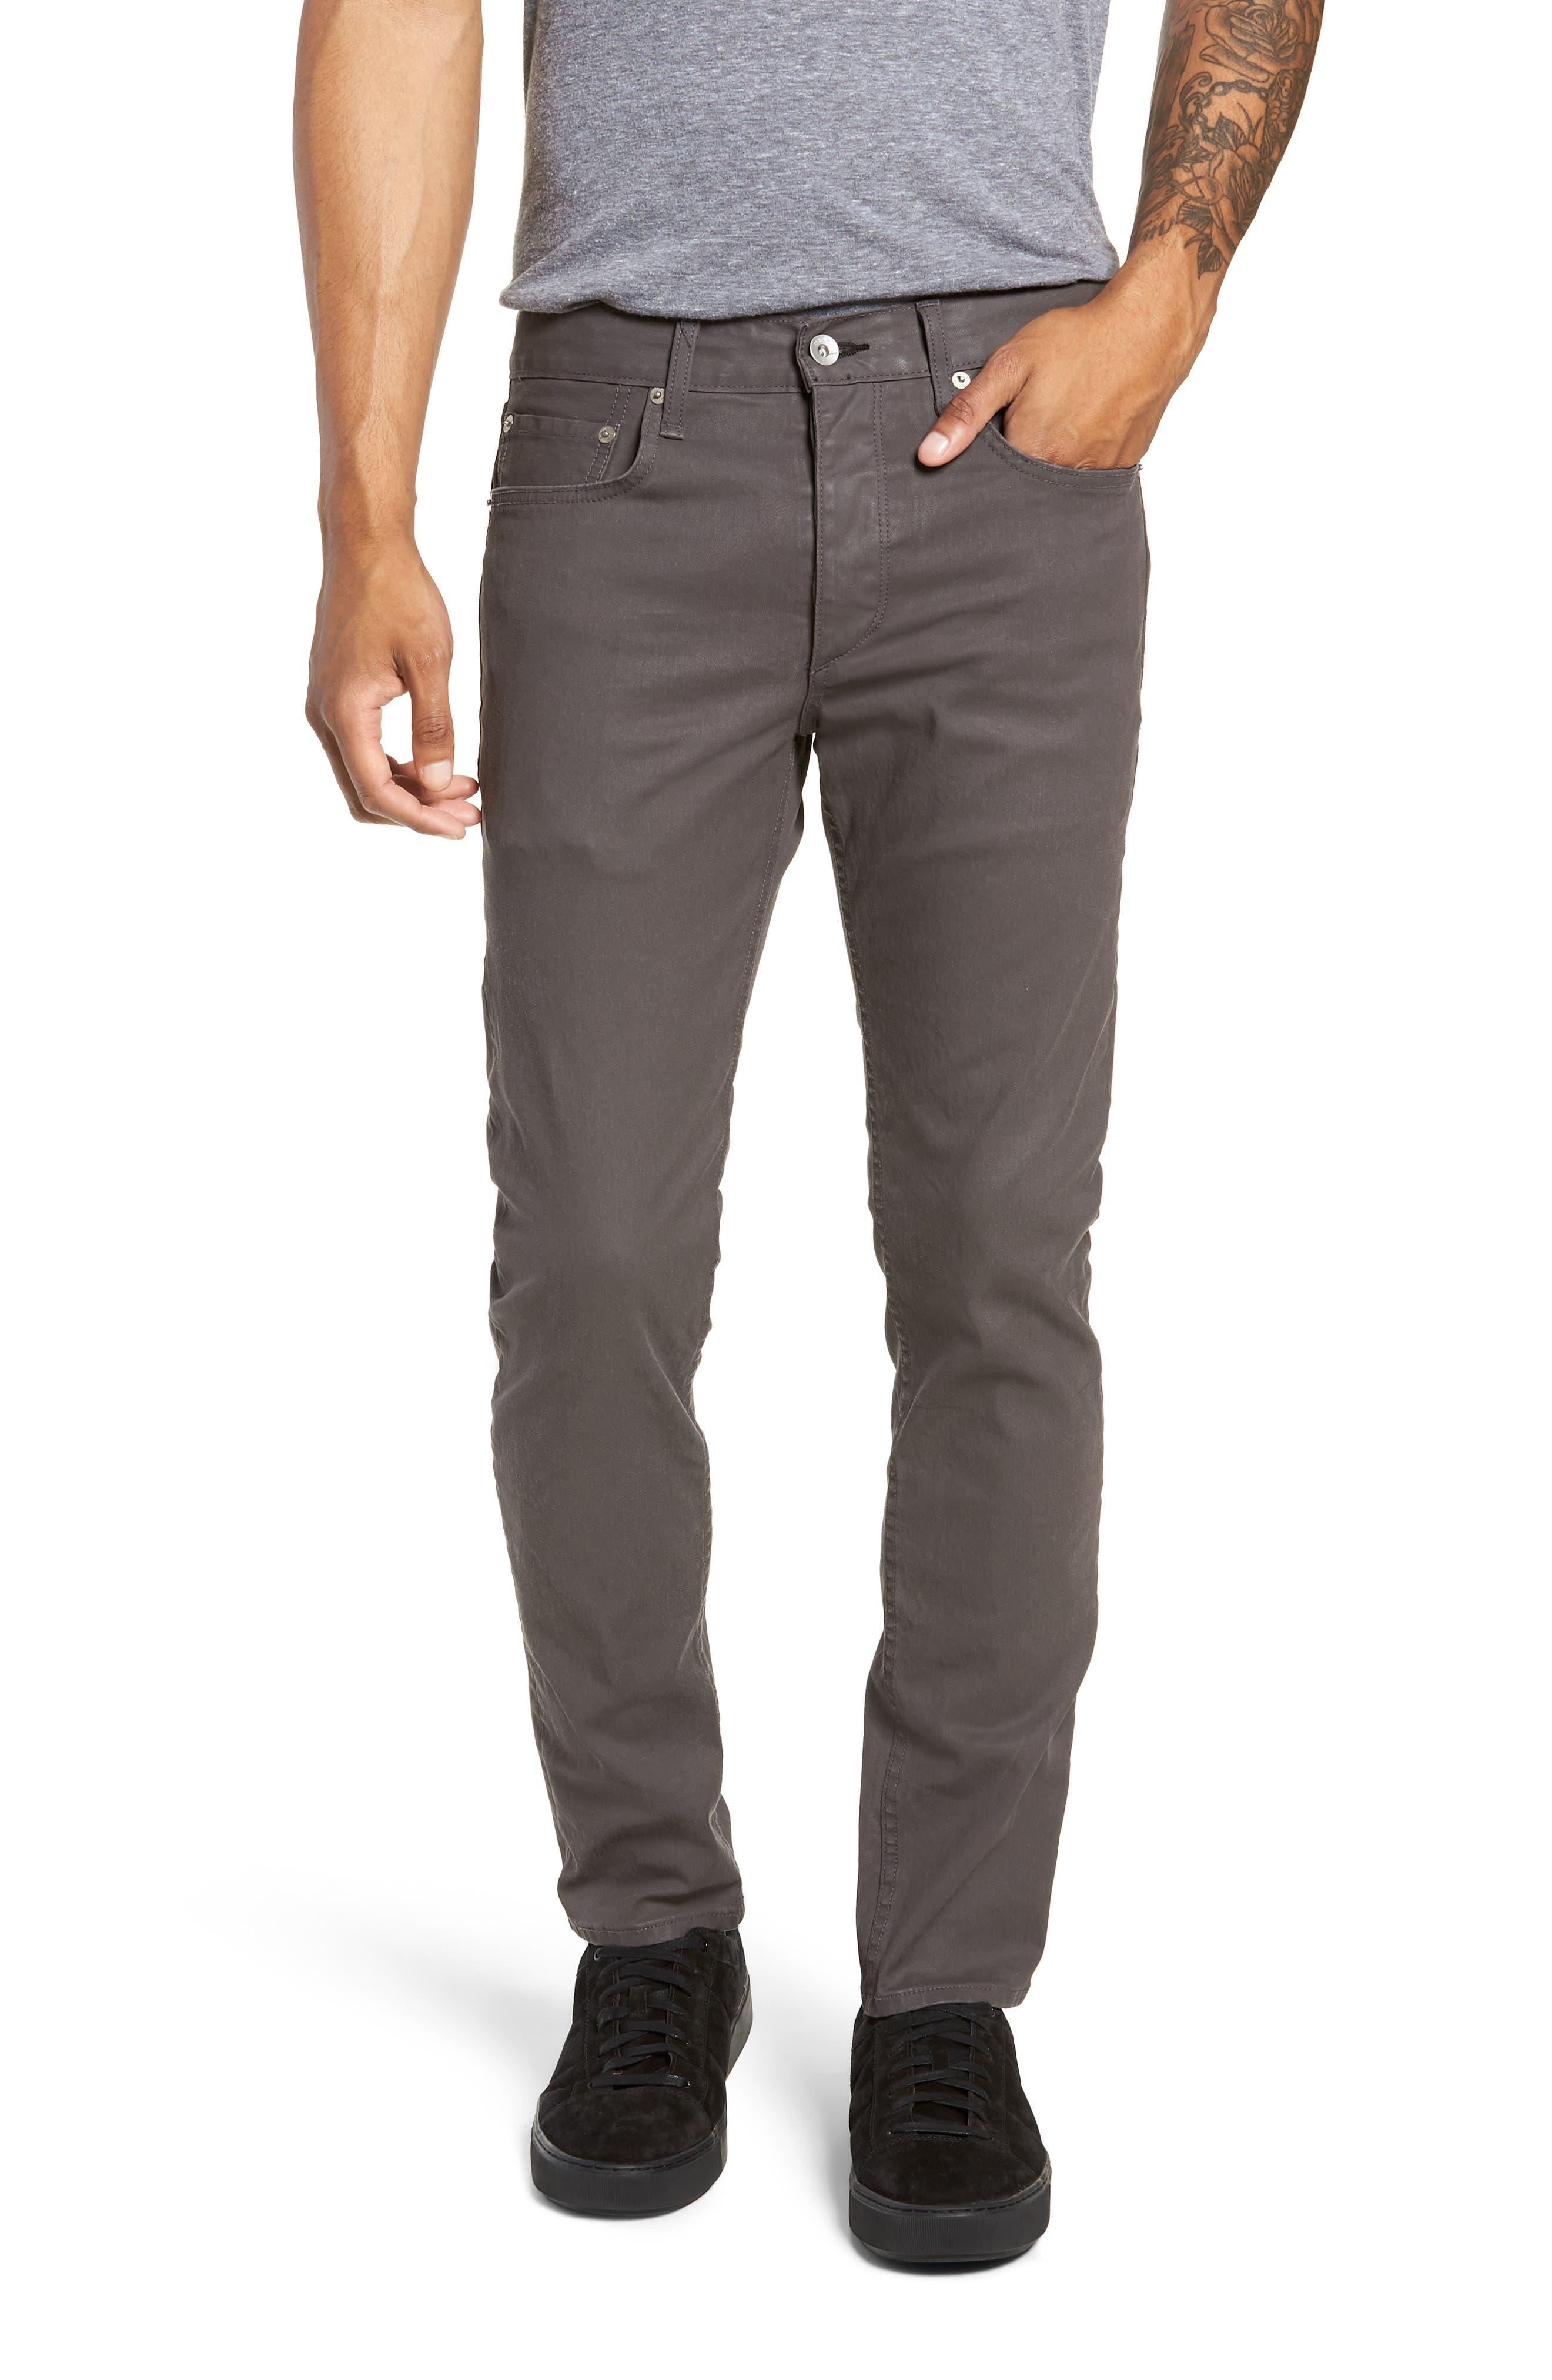 RAG & BONE, Fit 2 Slim Fit Pants, Main thumbnail 1, color, 020